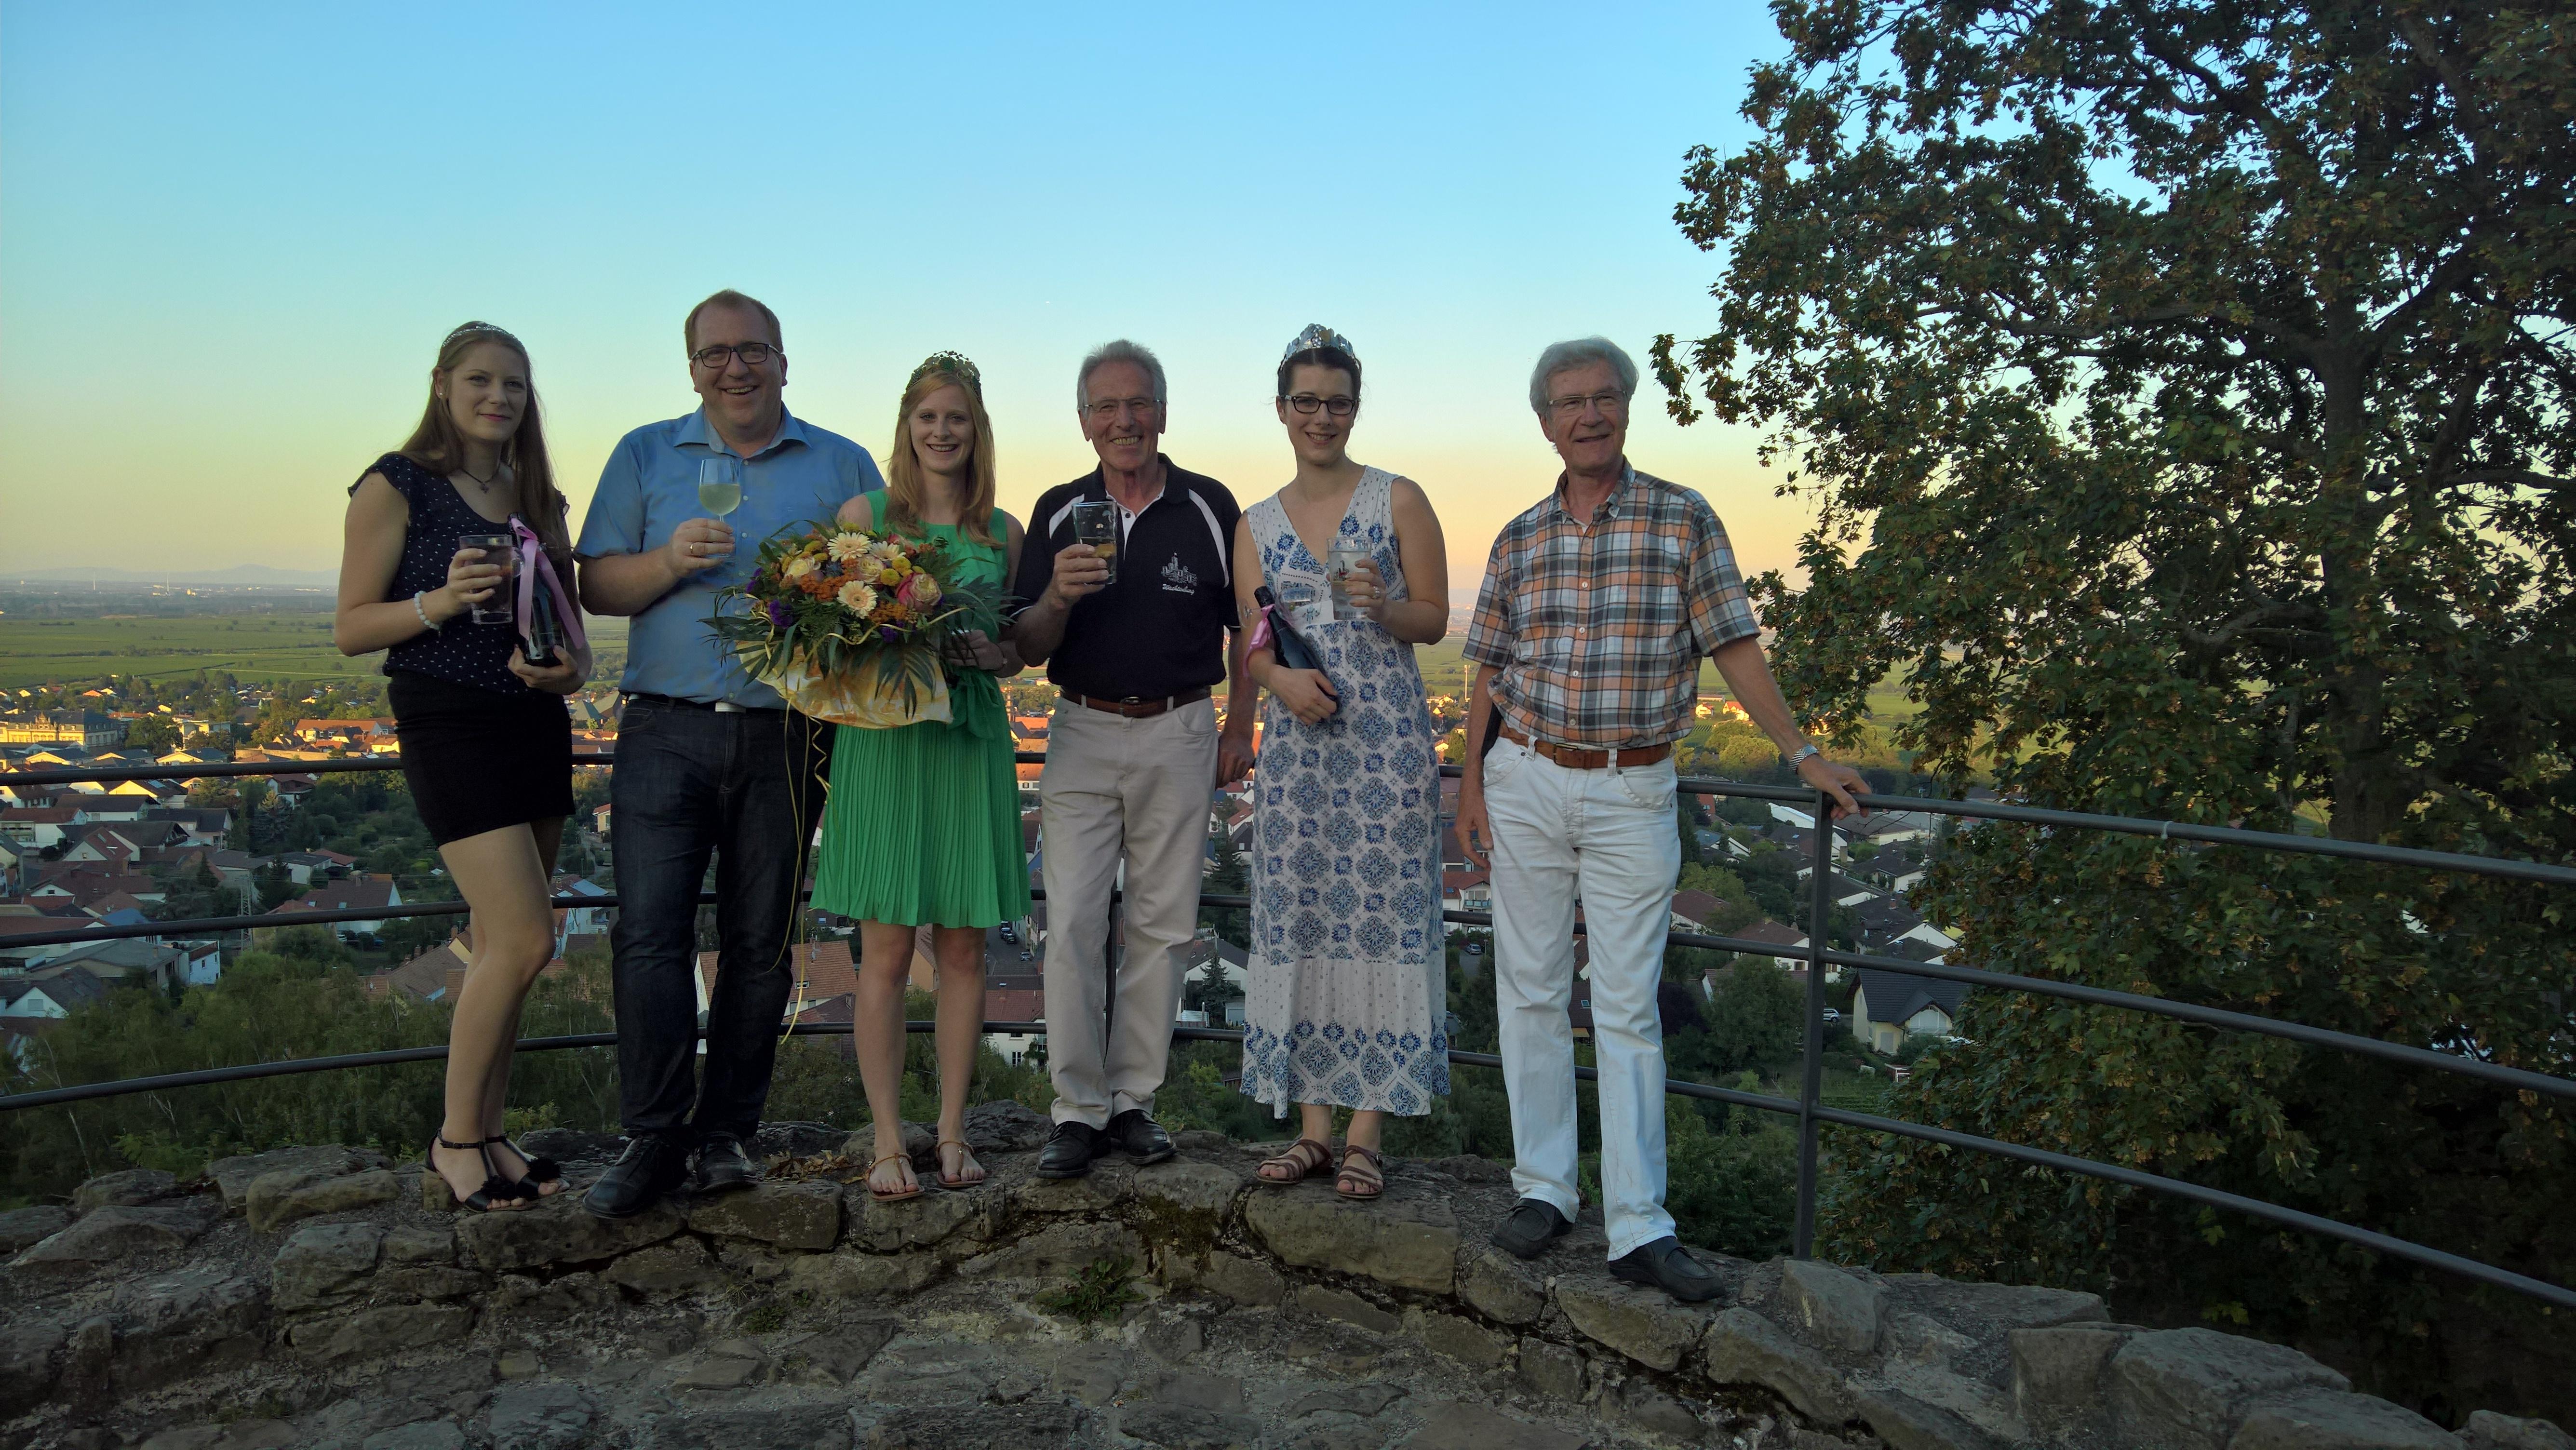 Förderkreis zur Erhaltung der Ruine Wachtenburg e.V.